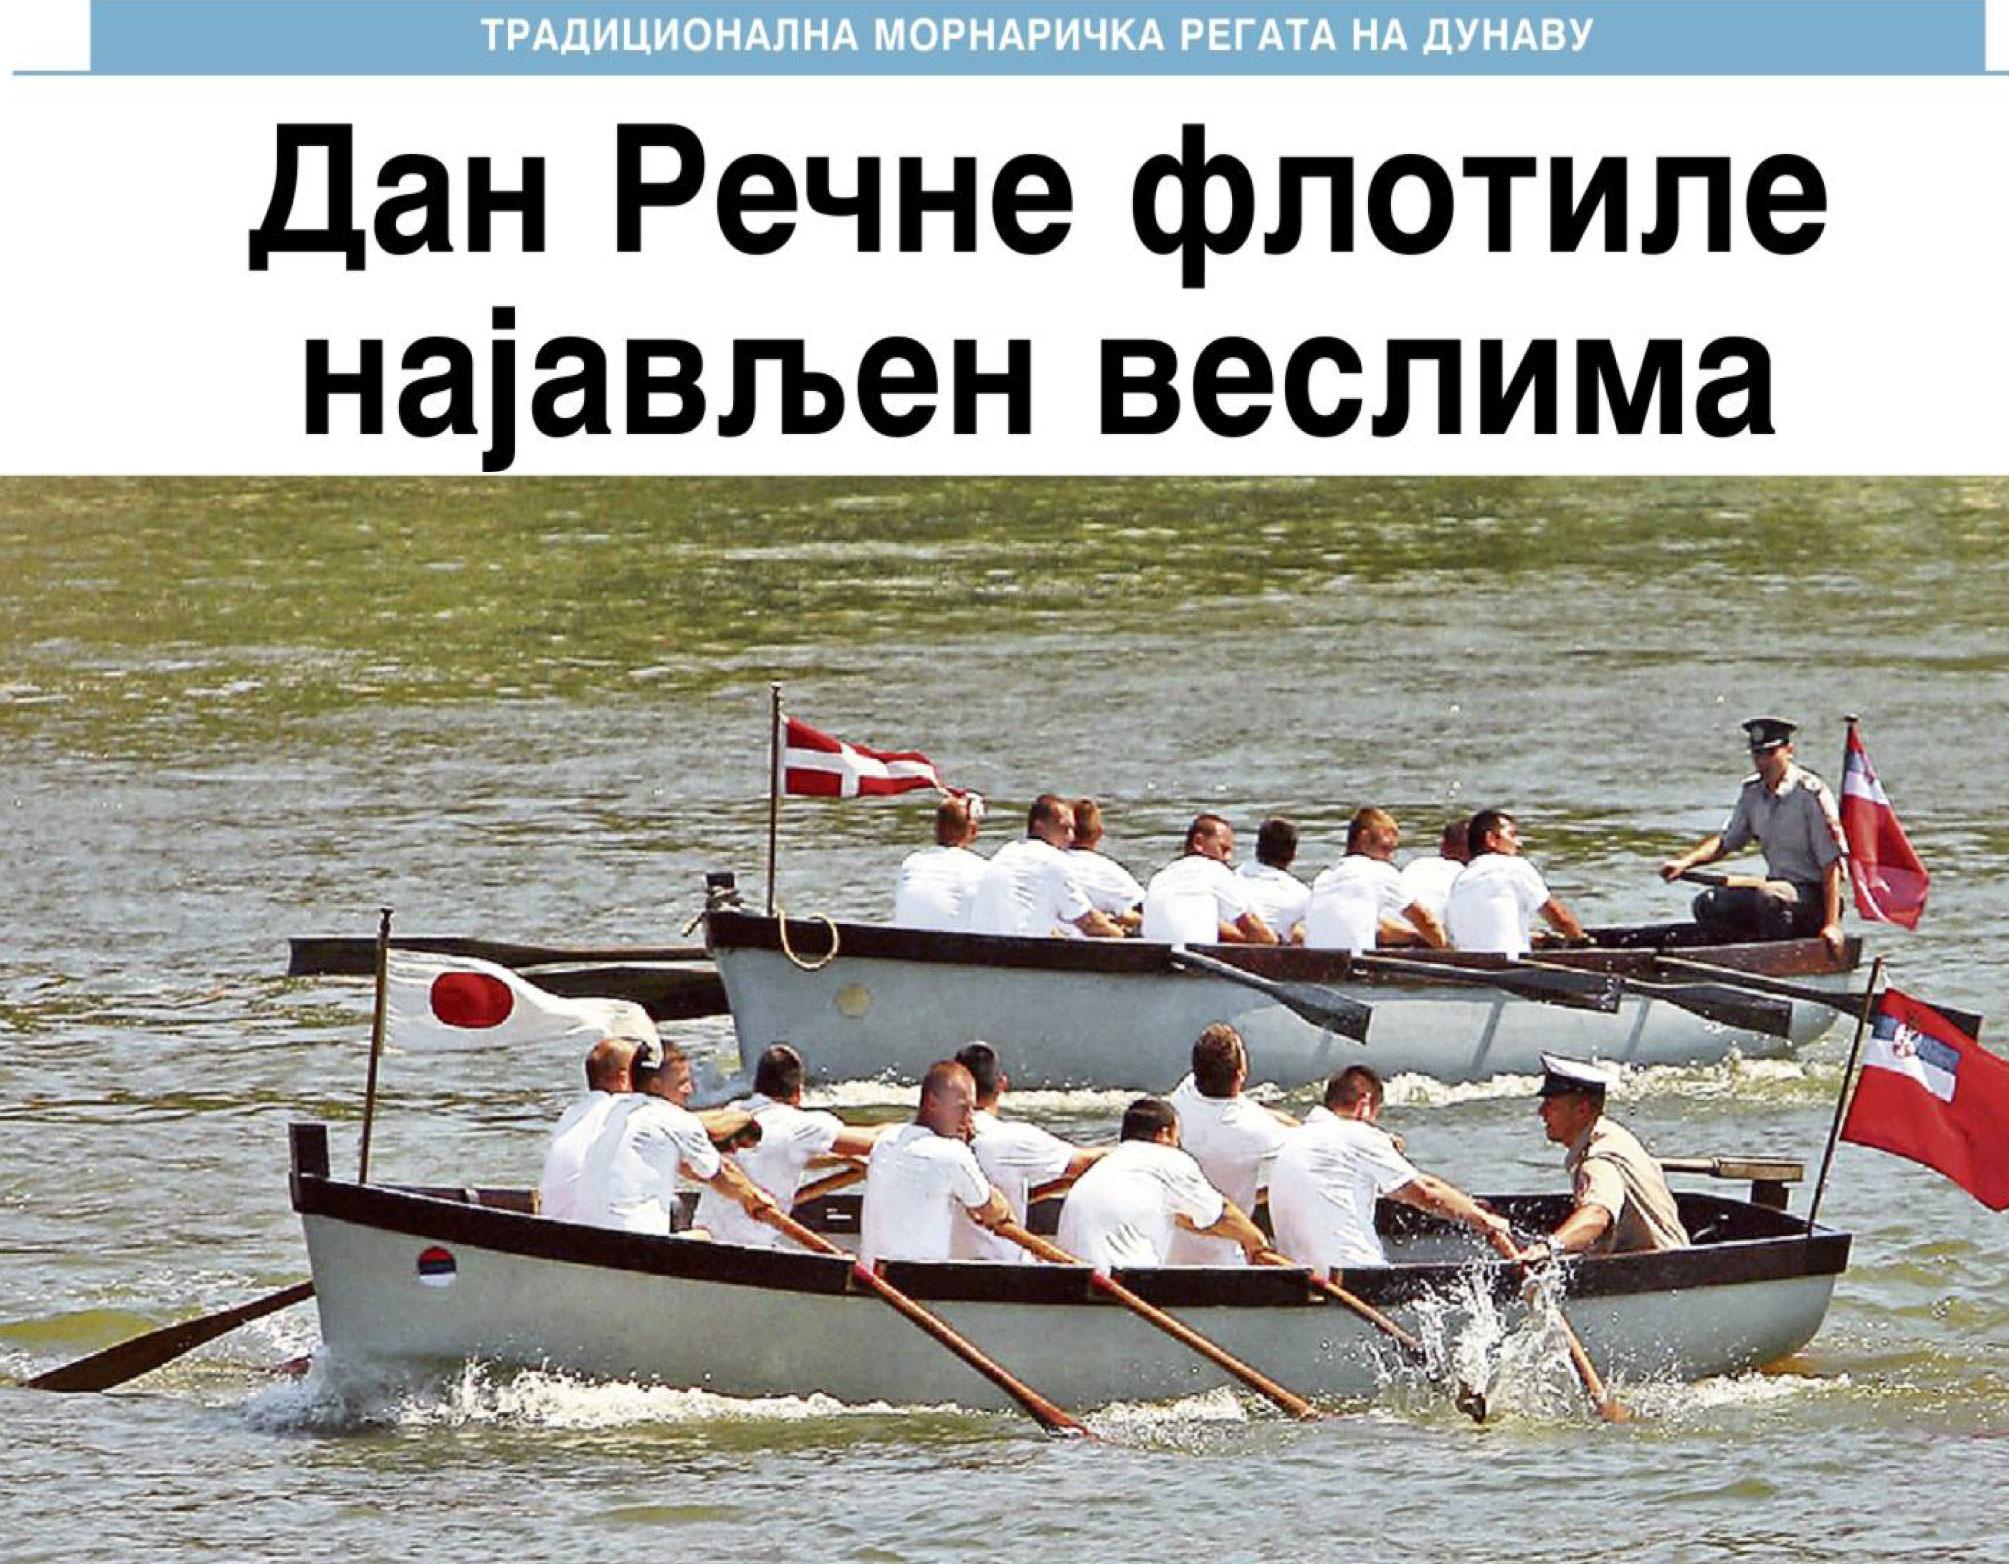 Дан Речне флотиле најављен веслима